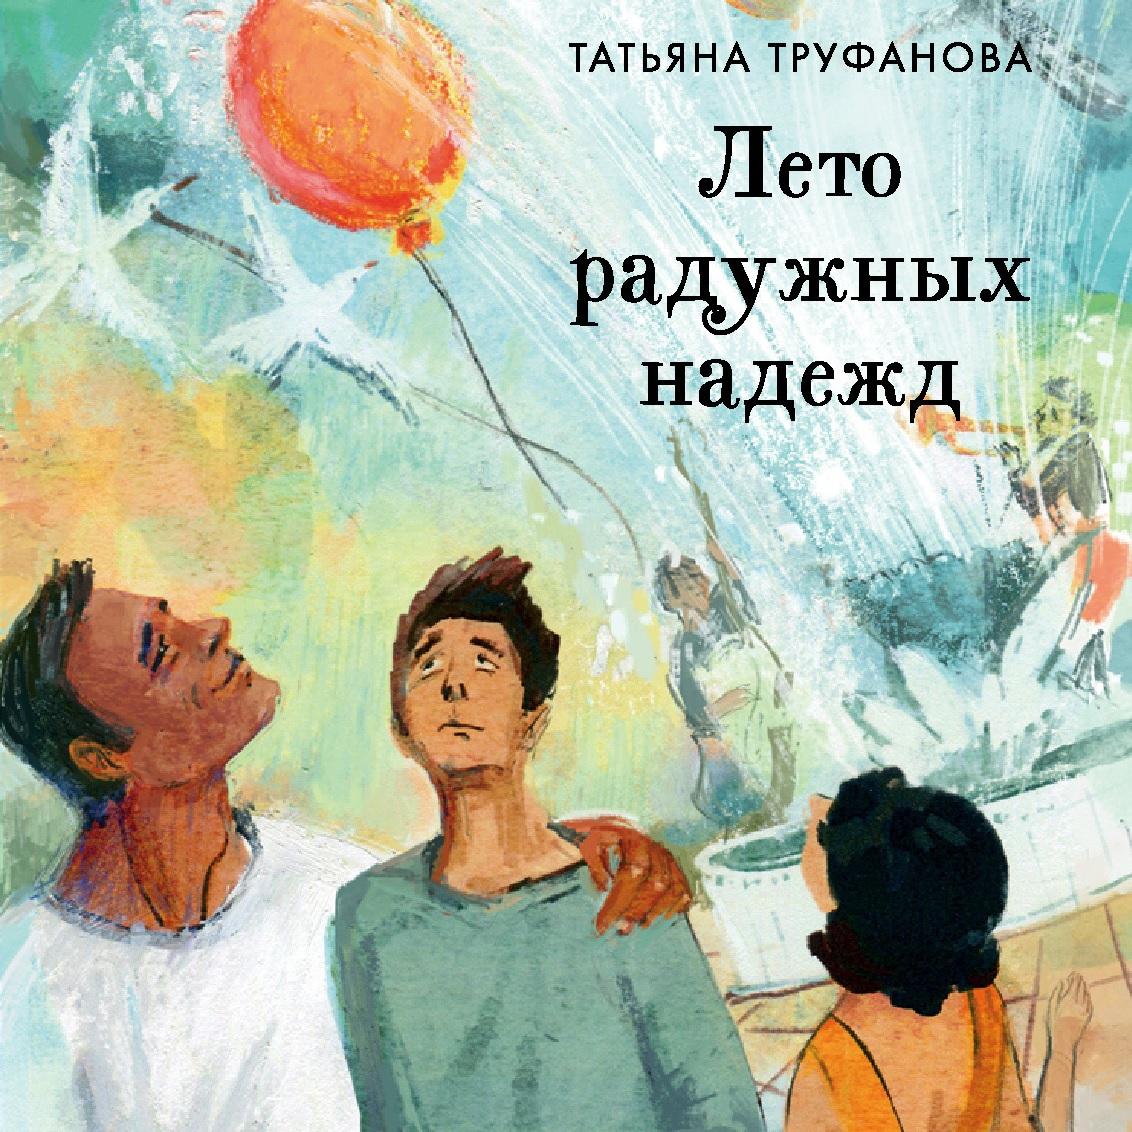 Татьяна Труфанова Лето радужных надежд труфанова т лето радужных надежд